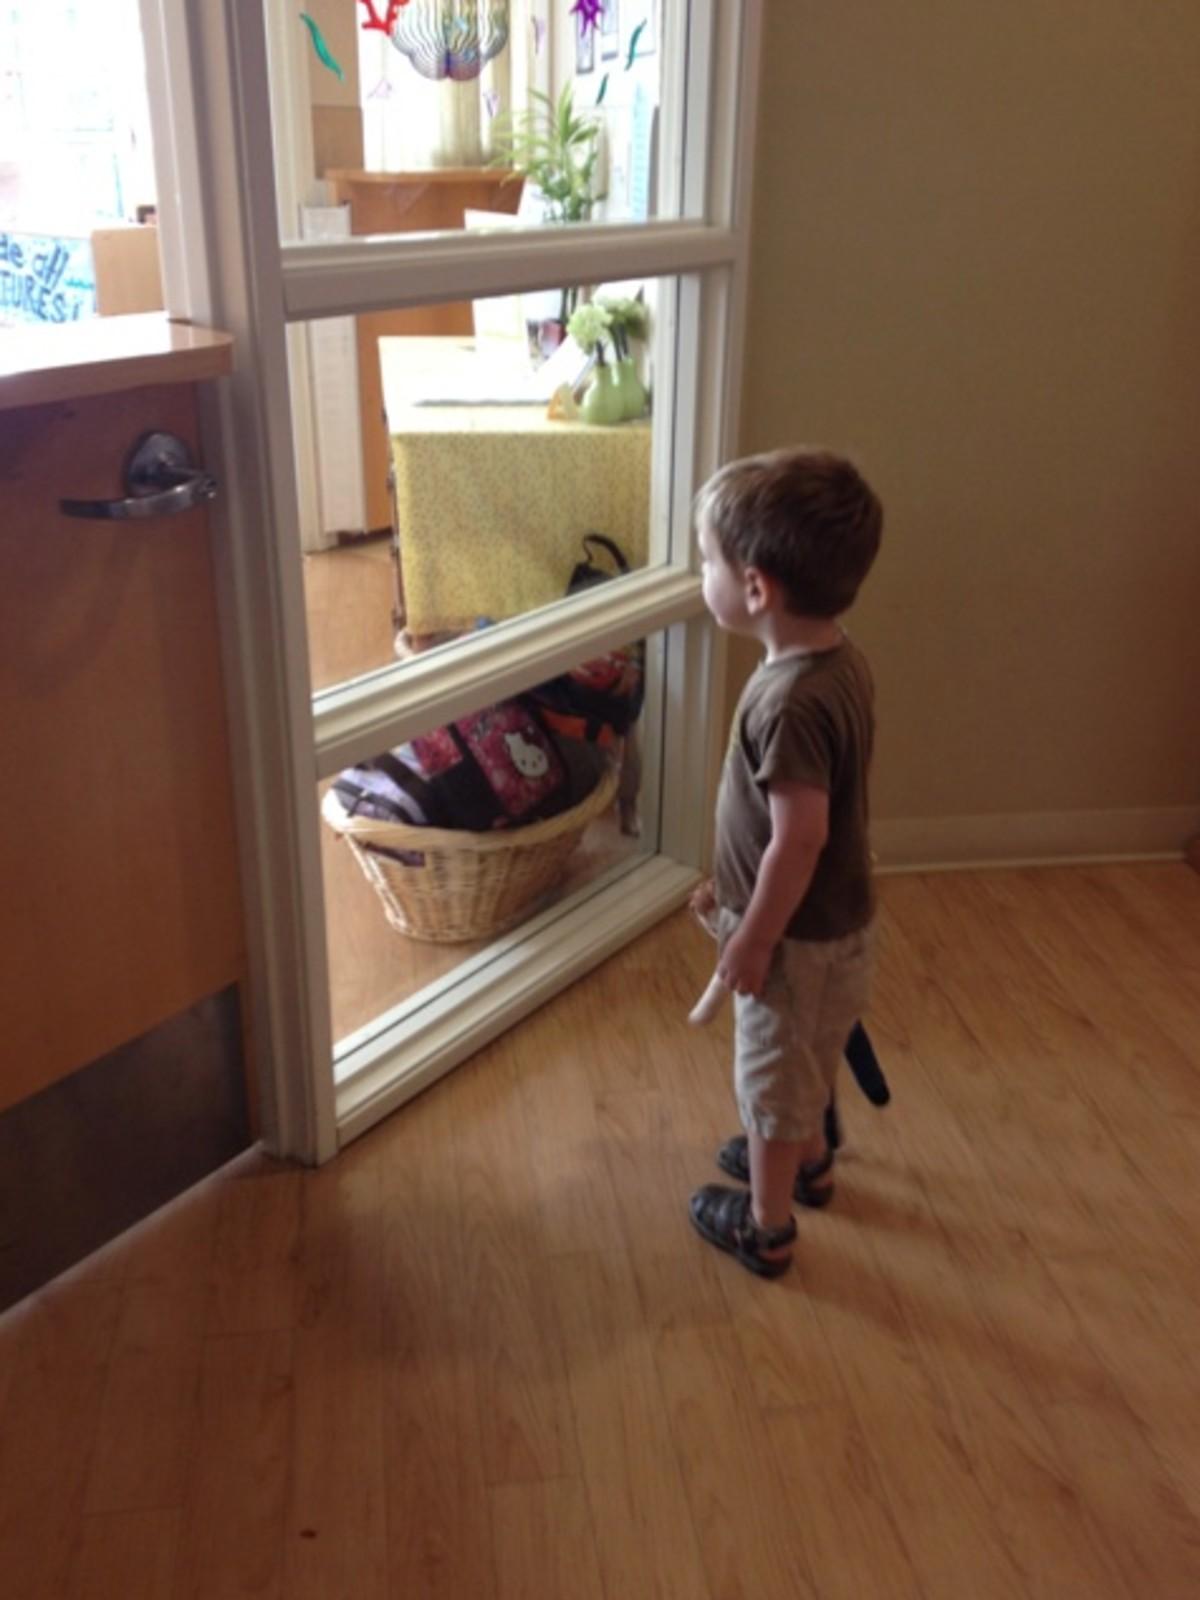 preschooler looking in window